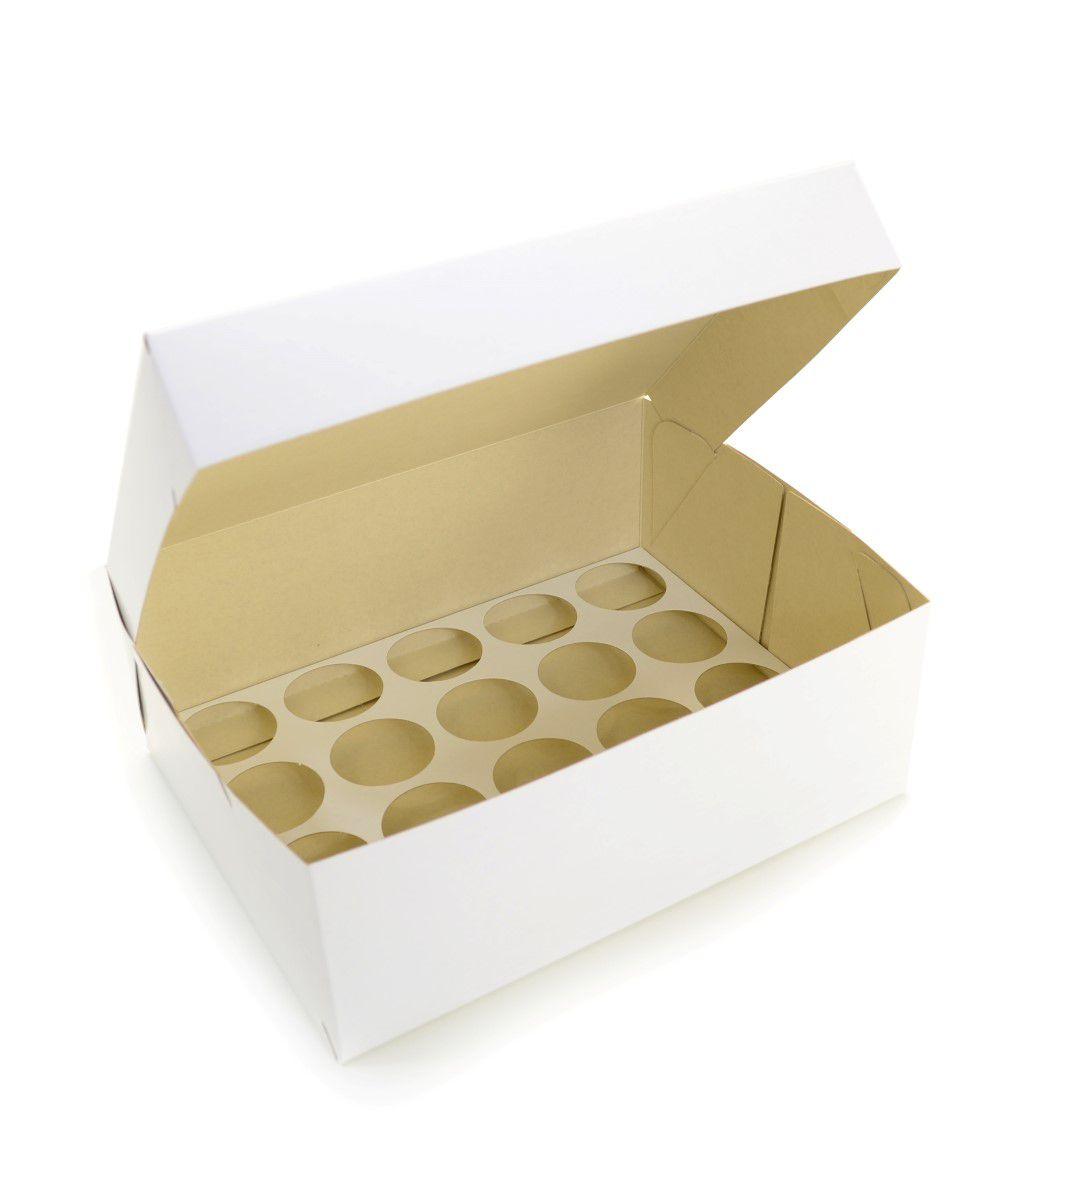 Ref 102 Branca - Caixa 20 Mini Cupcakes - 24x18,5x9 cm - c/ 10 unidades